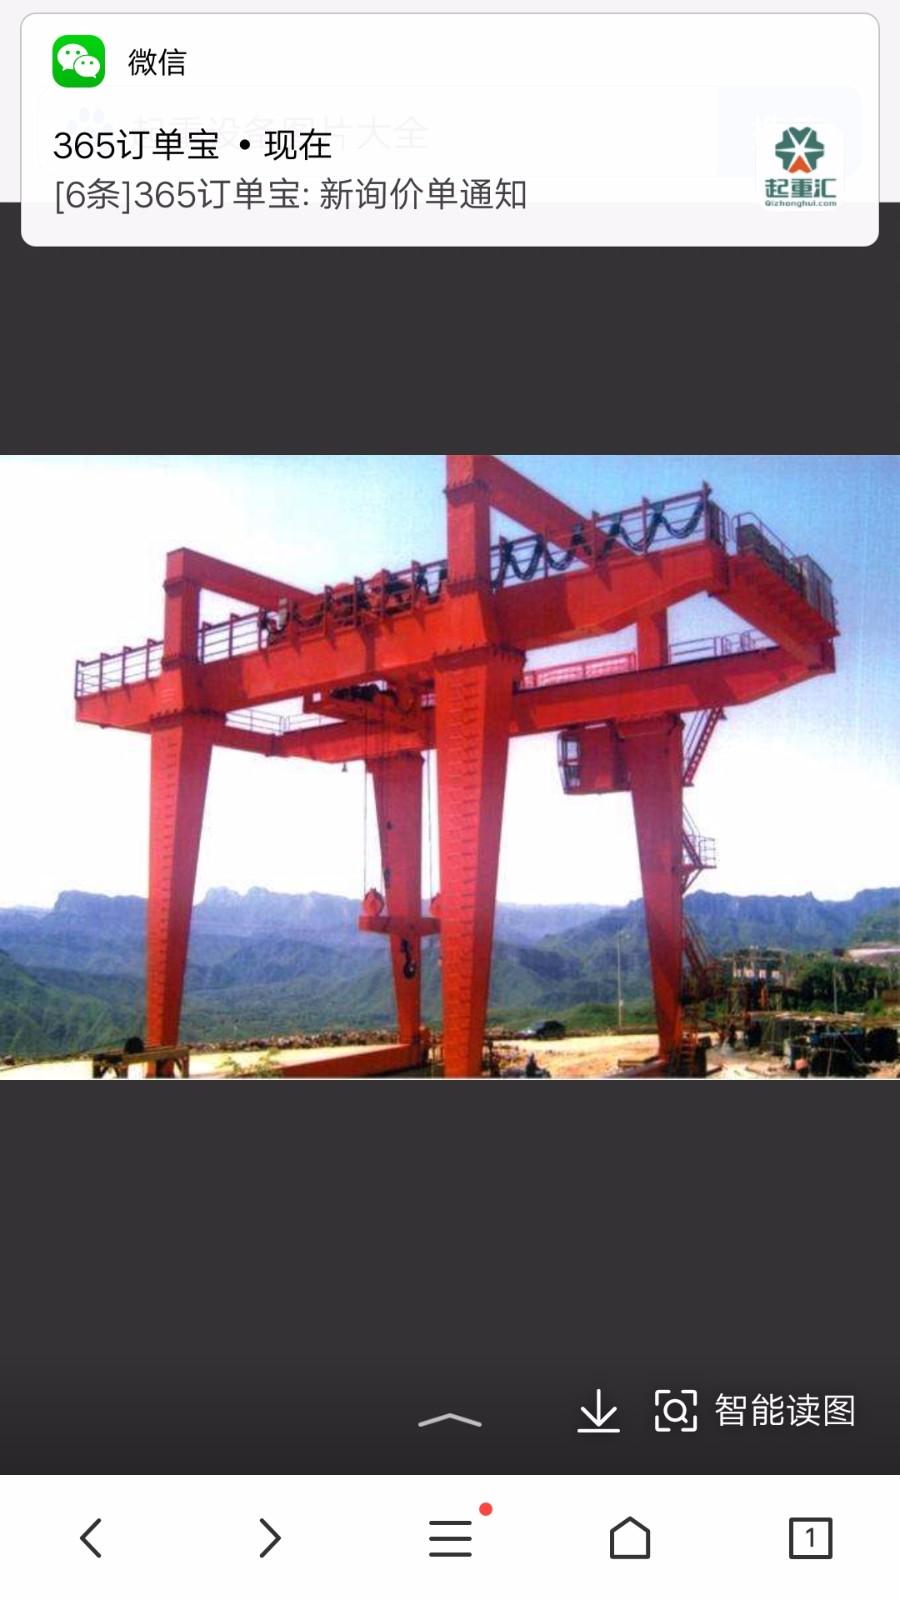 南昌起重设备-双梁桥式起重机厂家15180193900